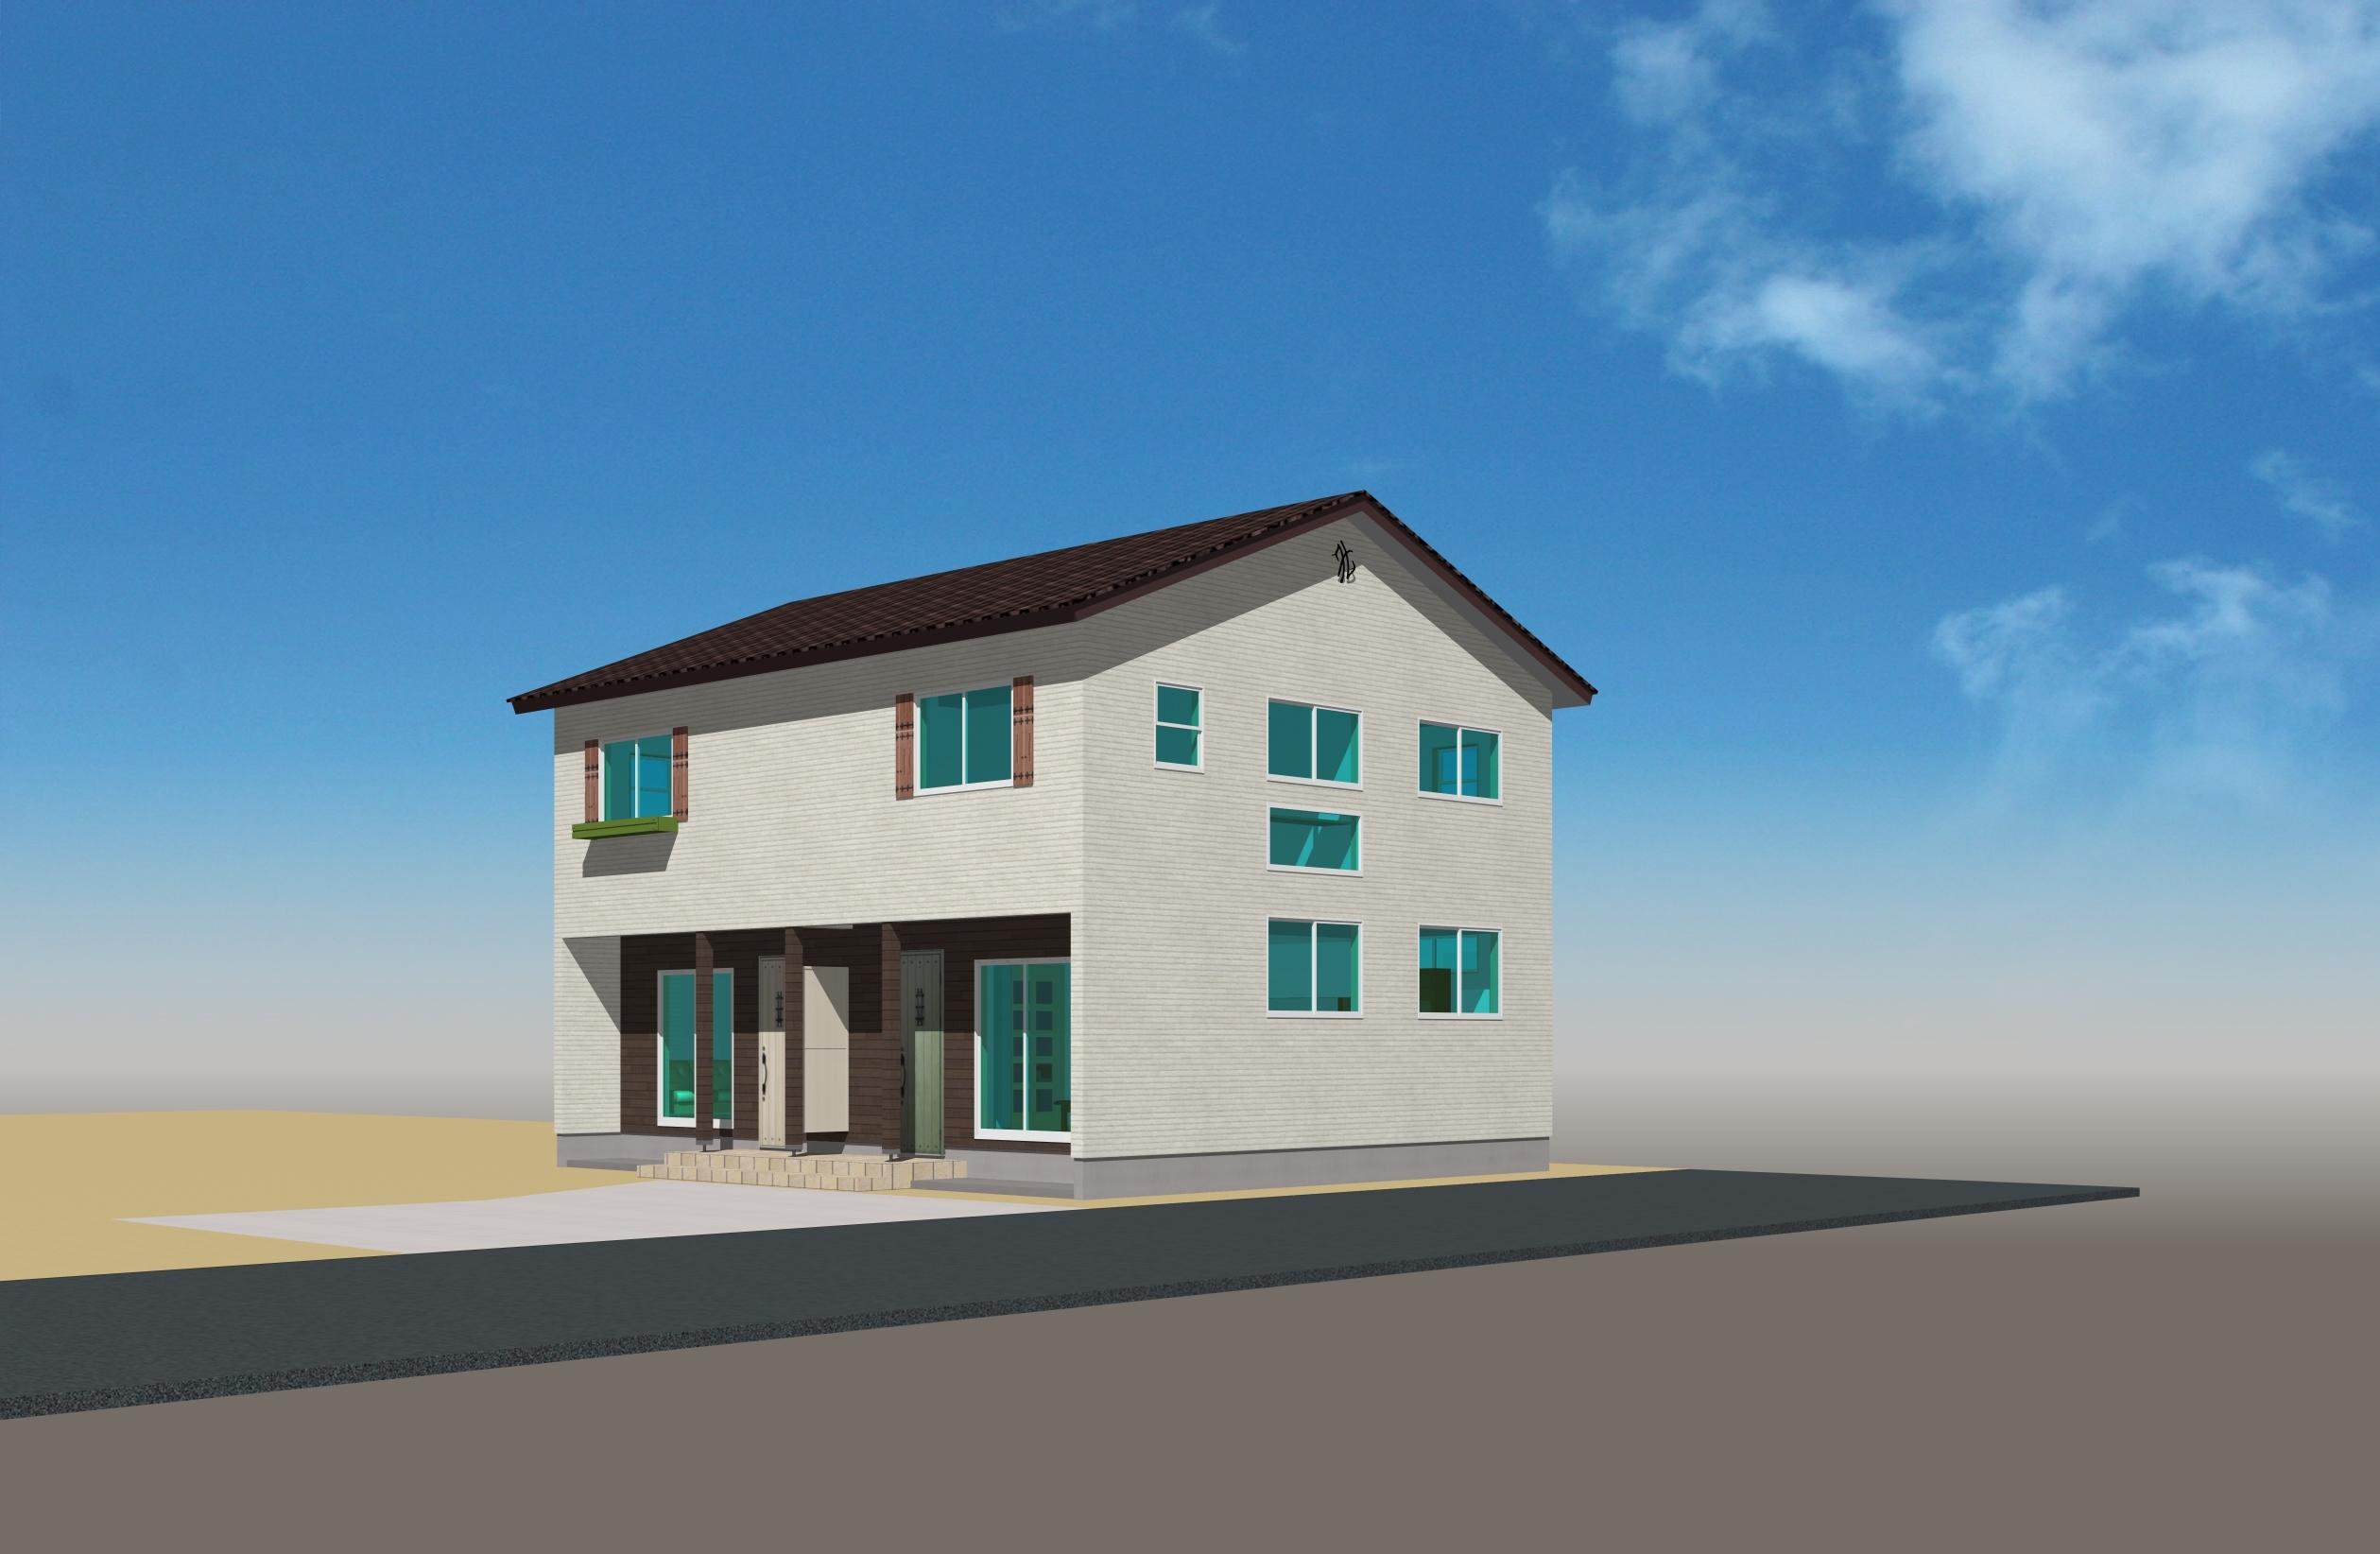 洋風瓦がかわいらしい単世帯×2セット住宅